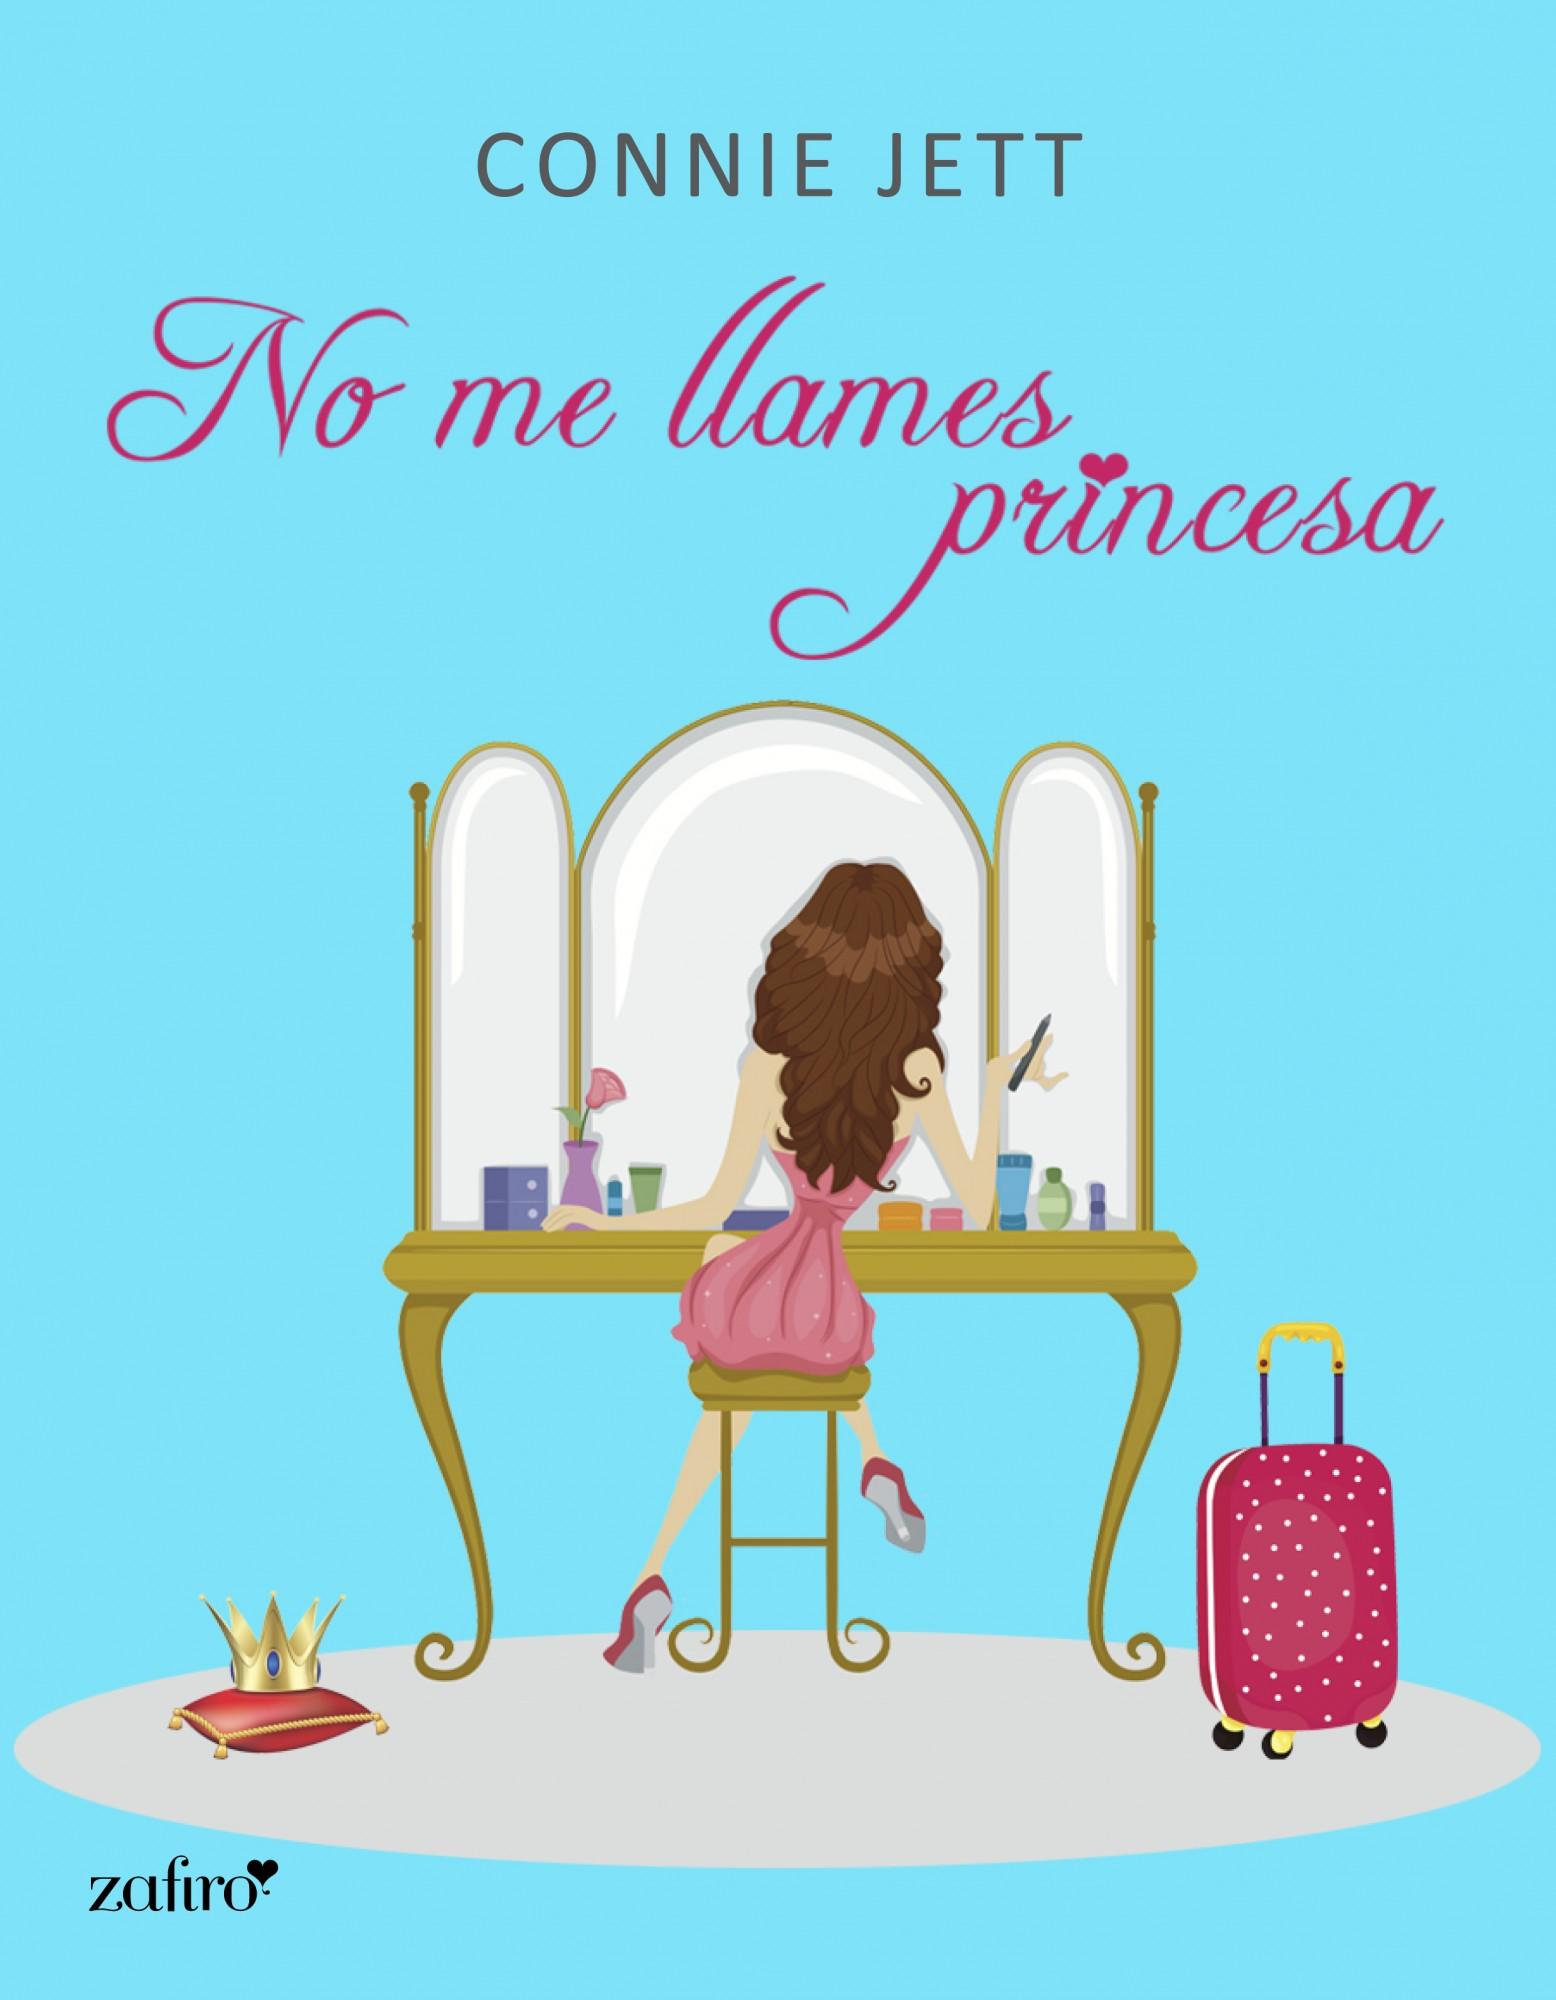 Resultado de imagen para no me llames princesa connie jett